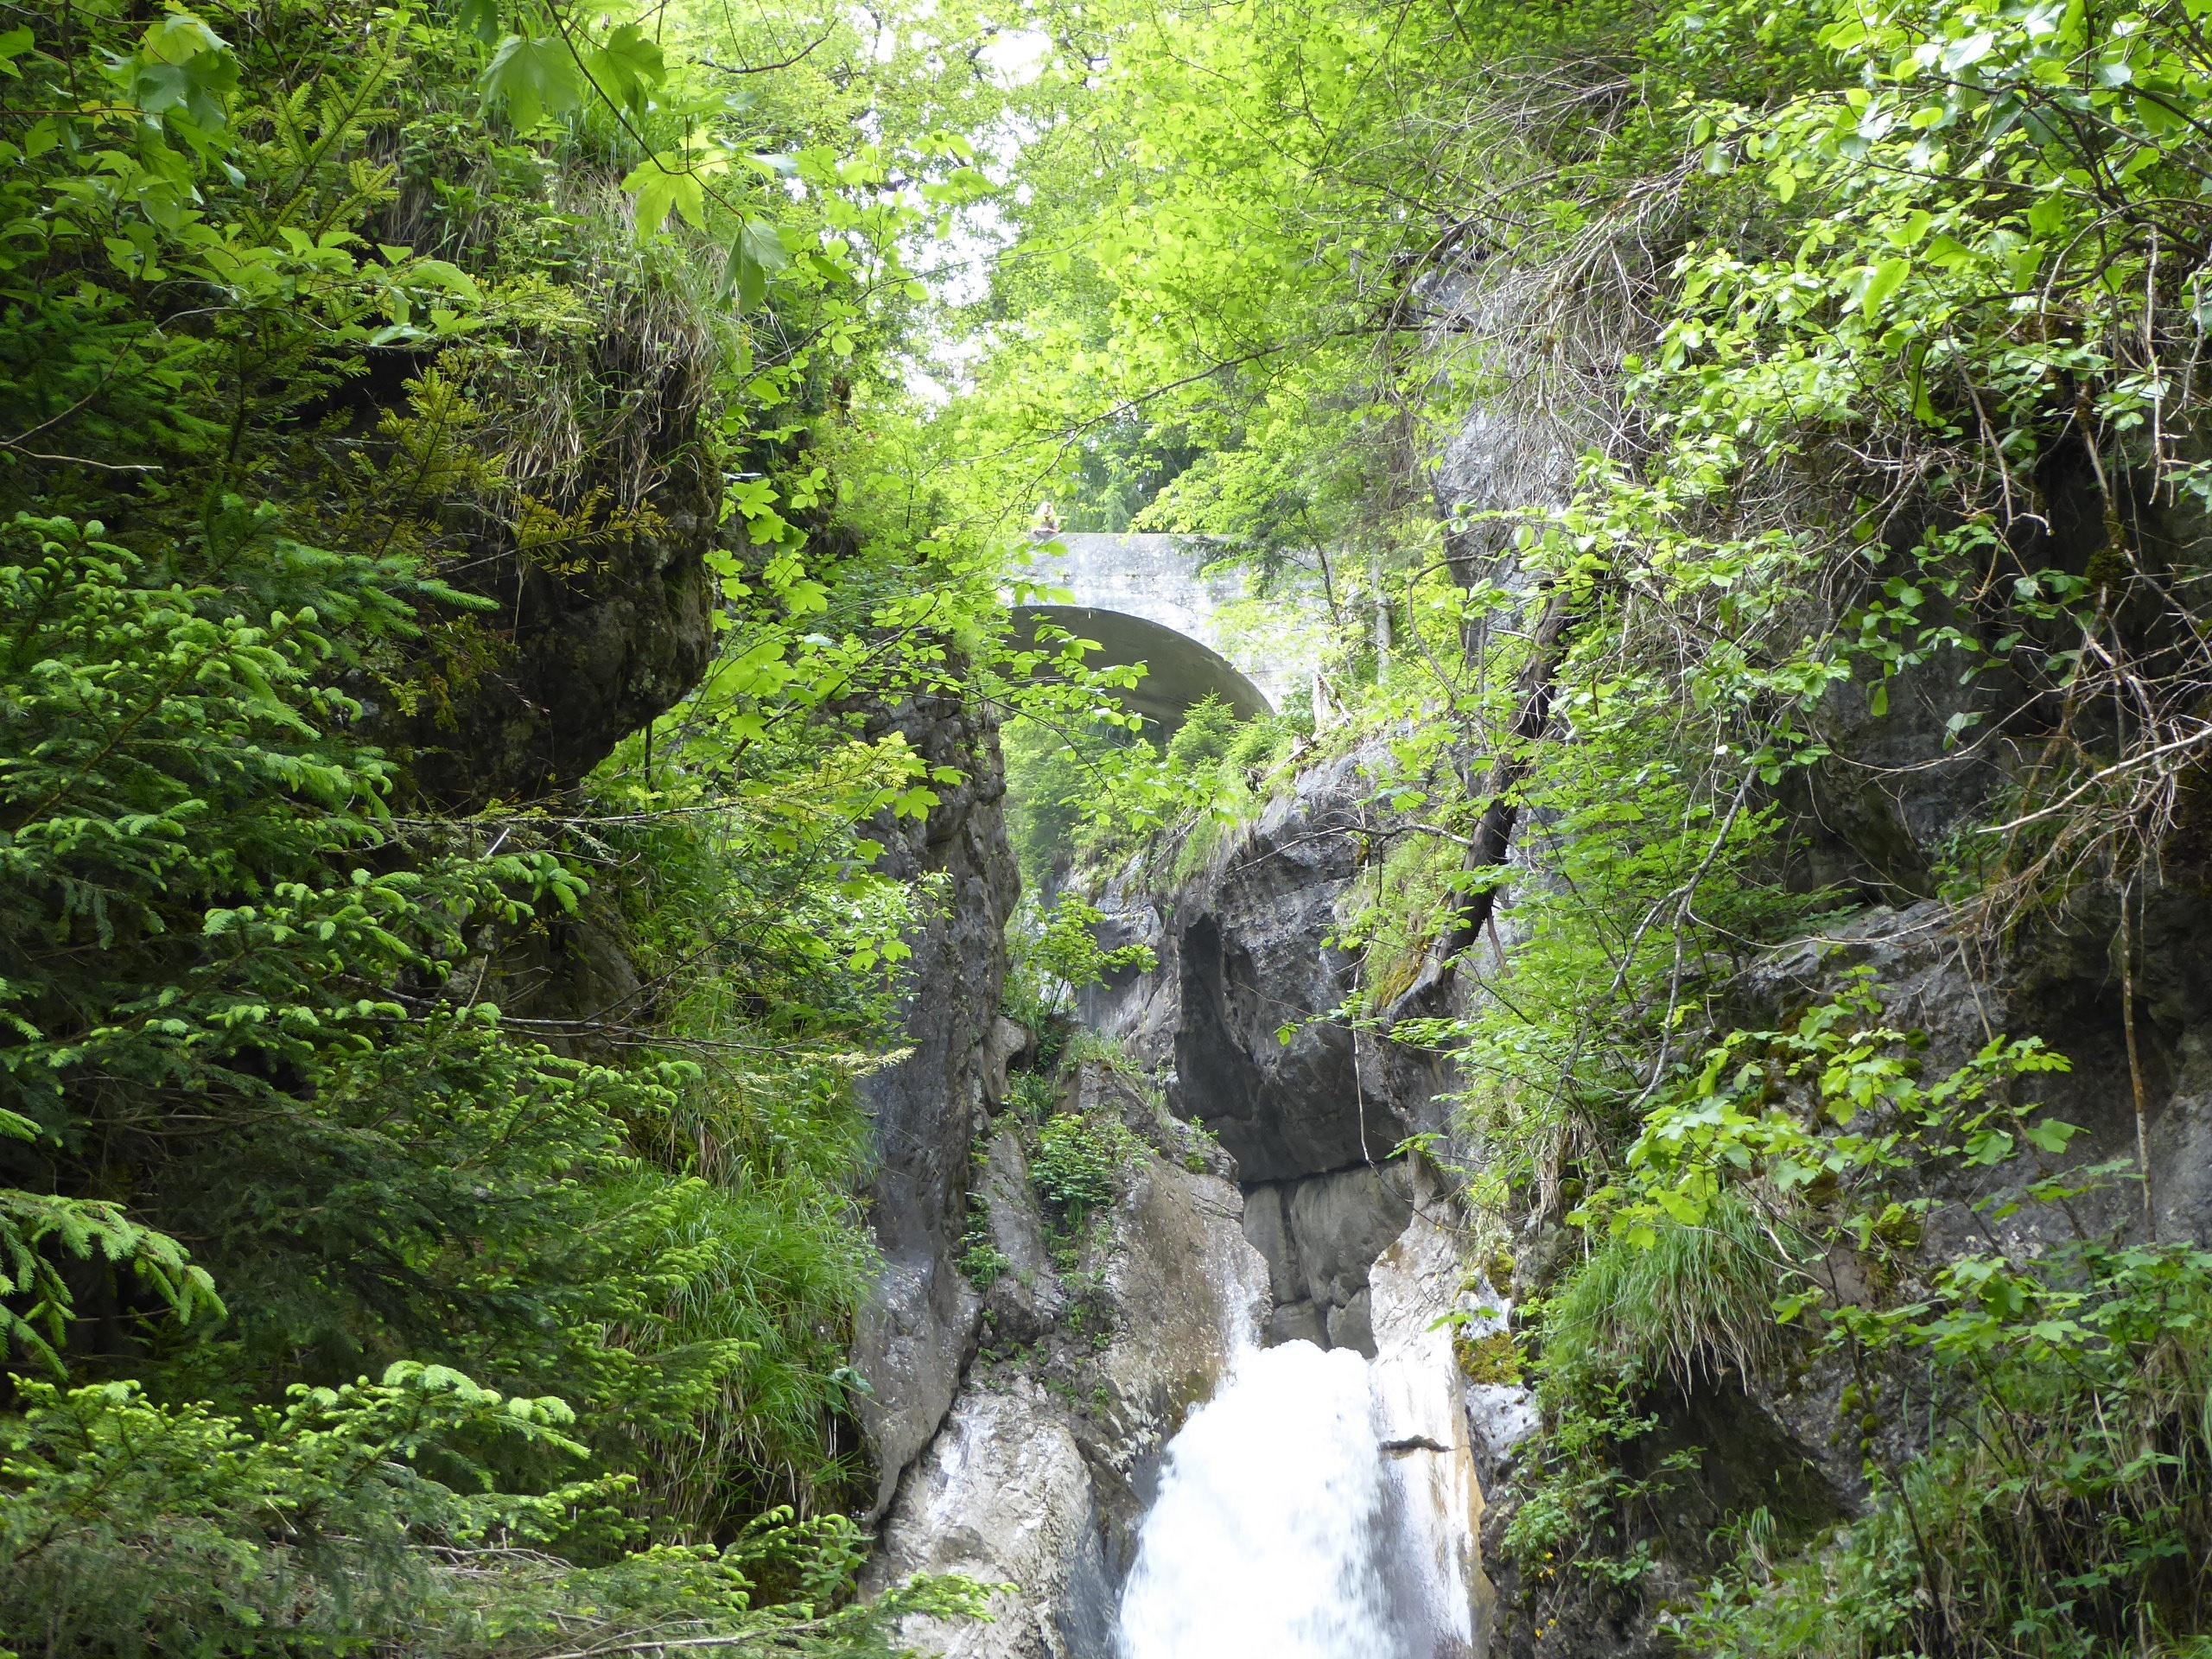 Wasserfall mit Brücke im Hintergrund